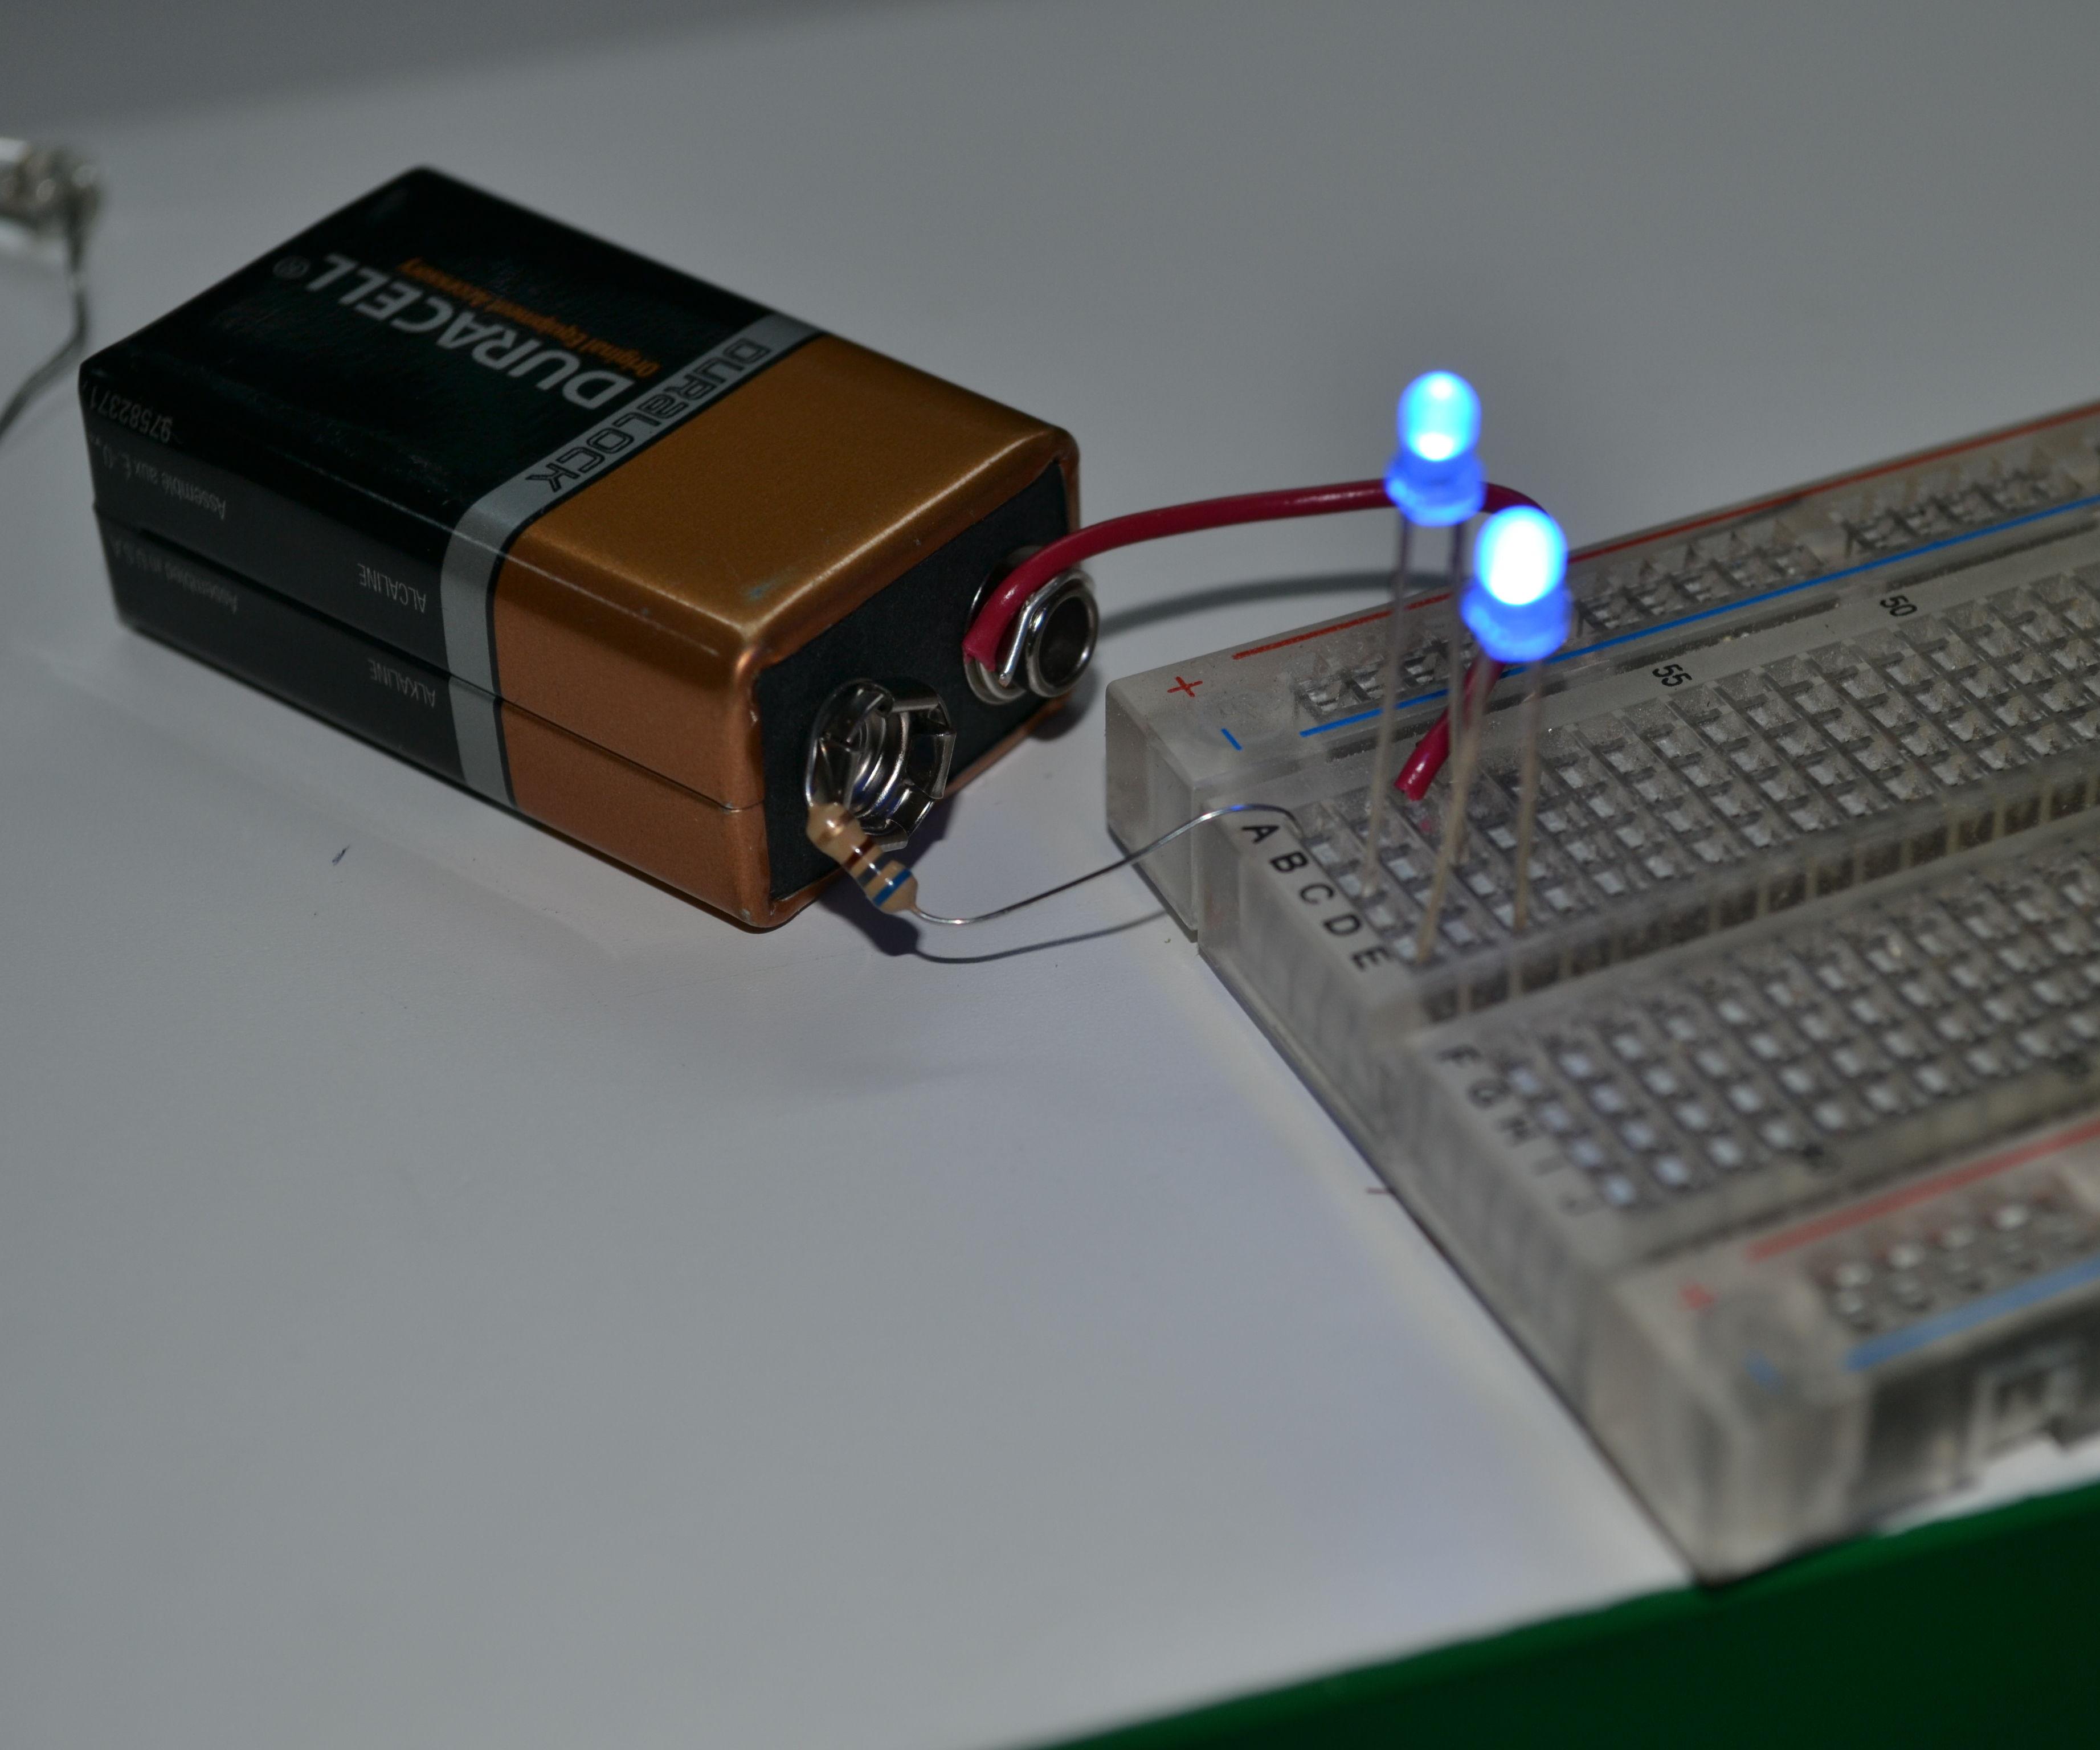 Como encender dos leds con una batería de 9v